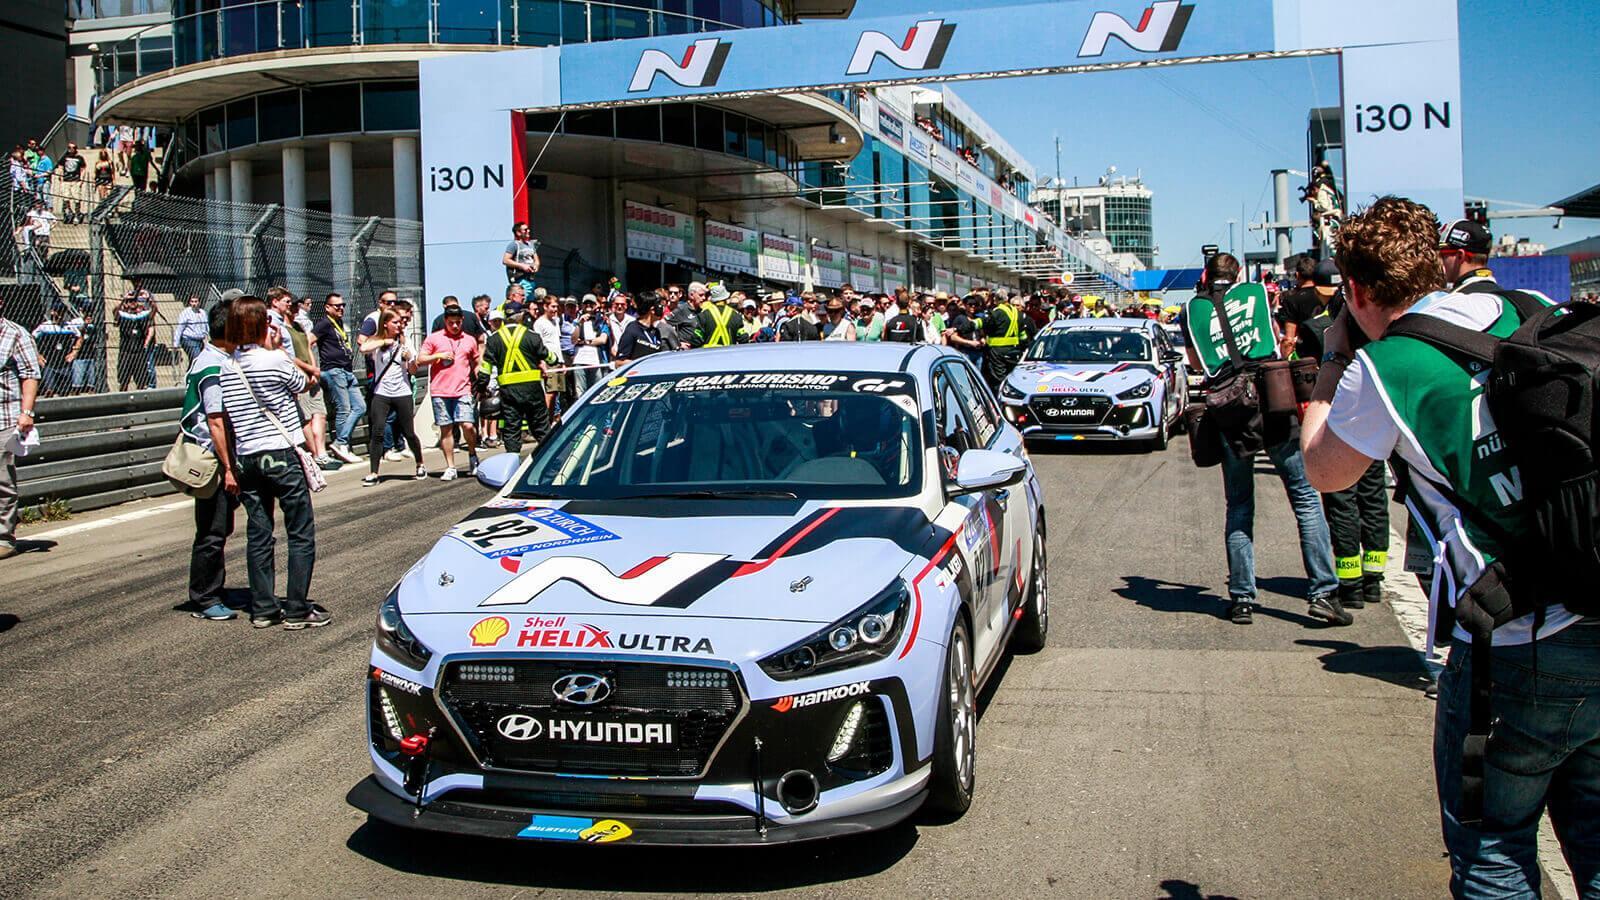 gallery-Motorsport-24h-01 (1).jpg